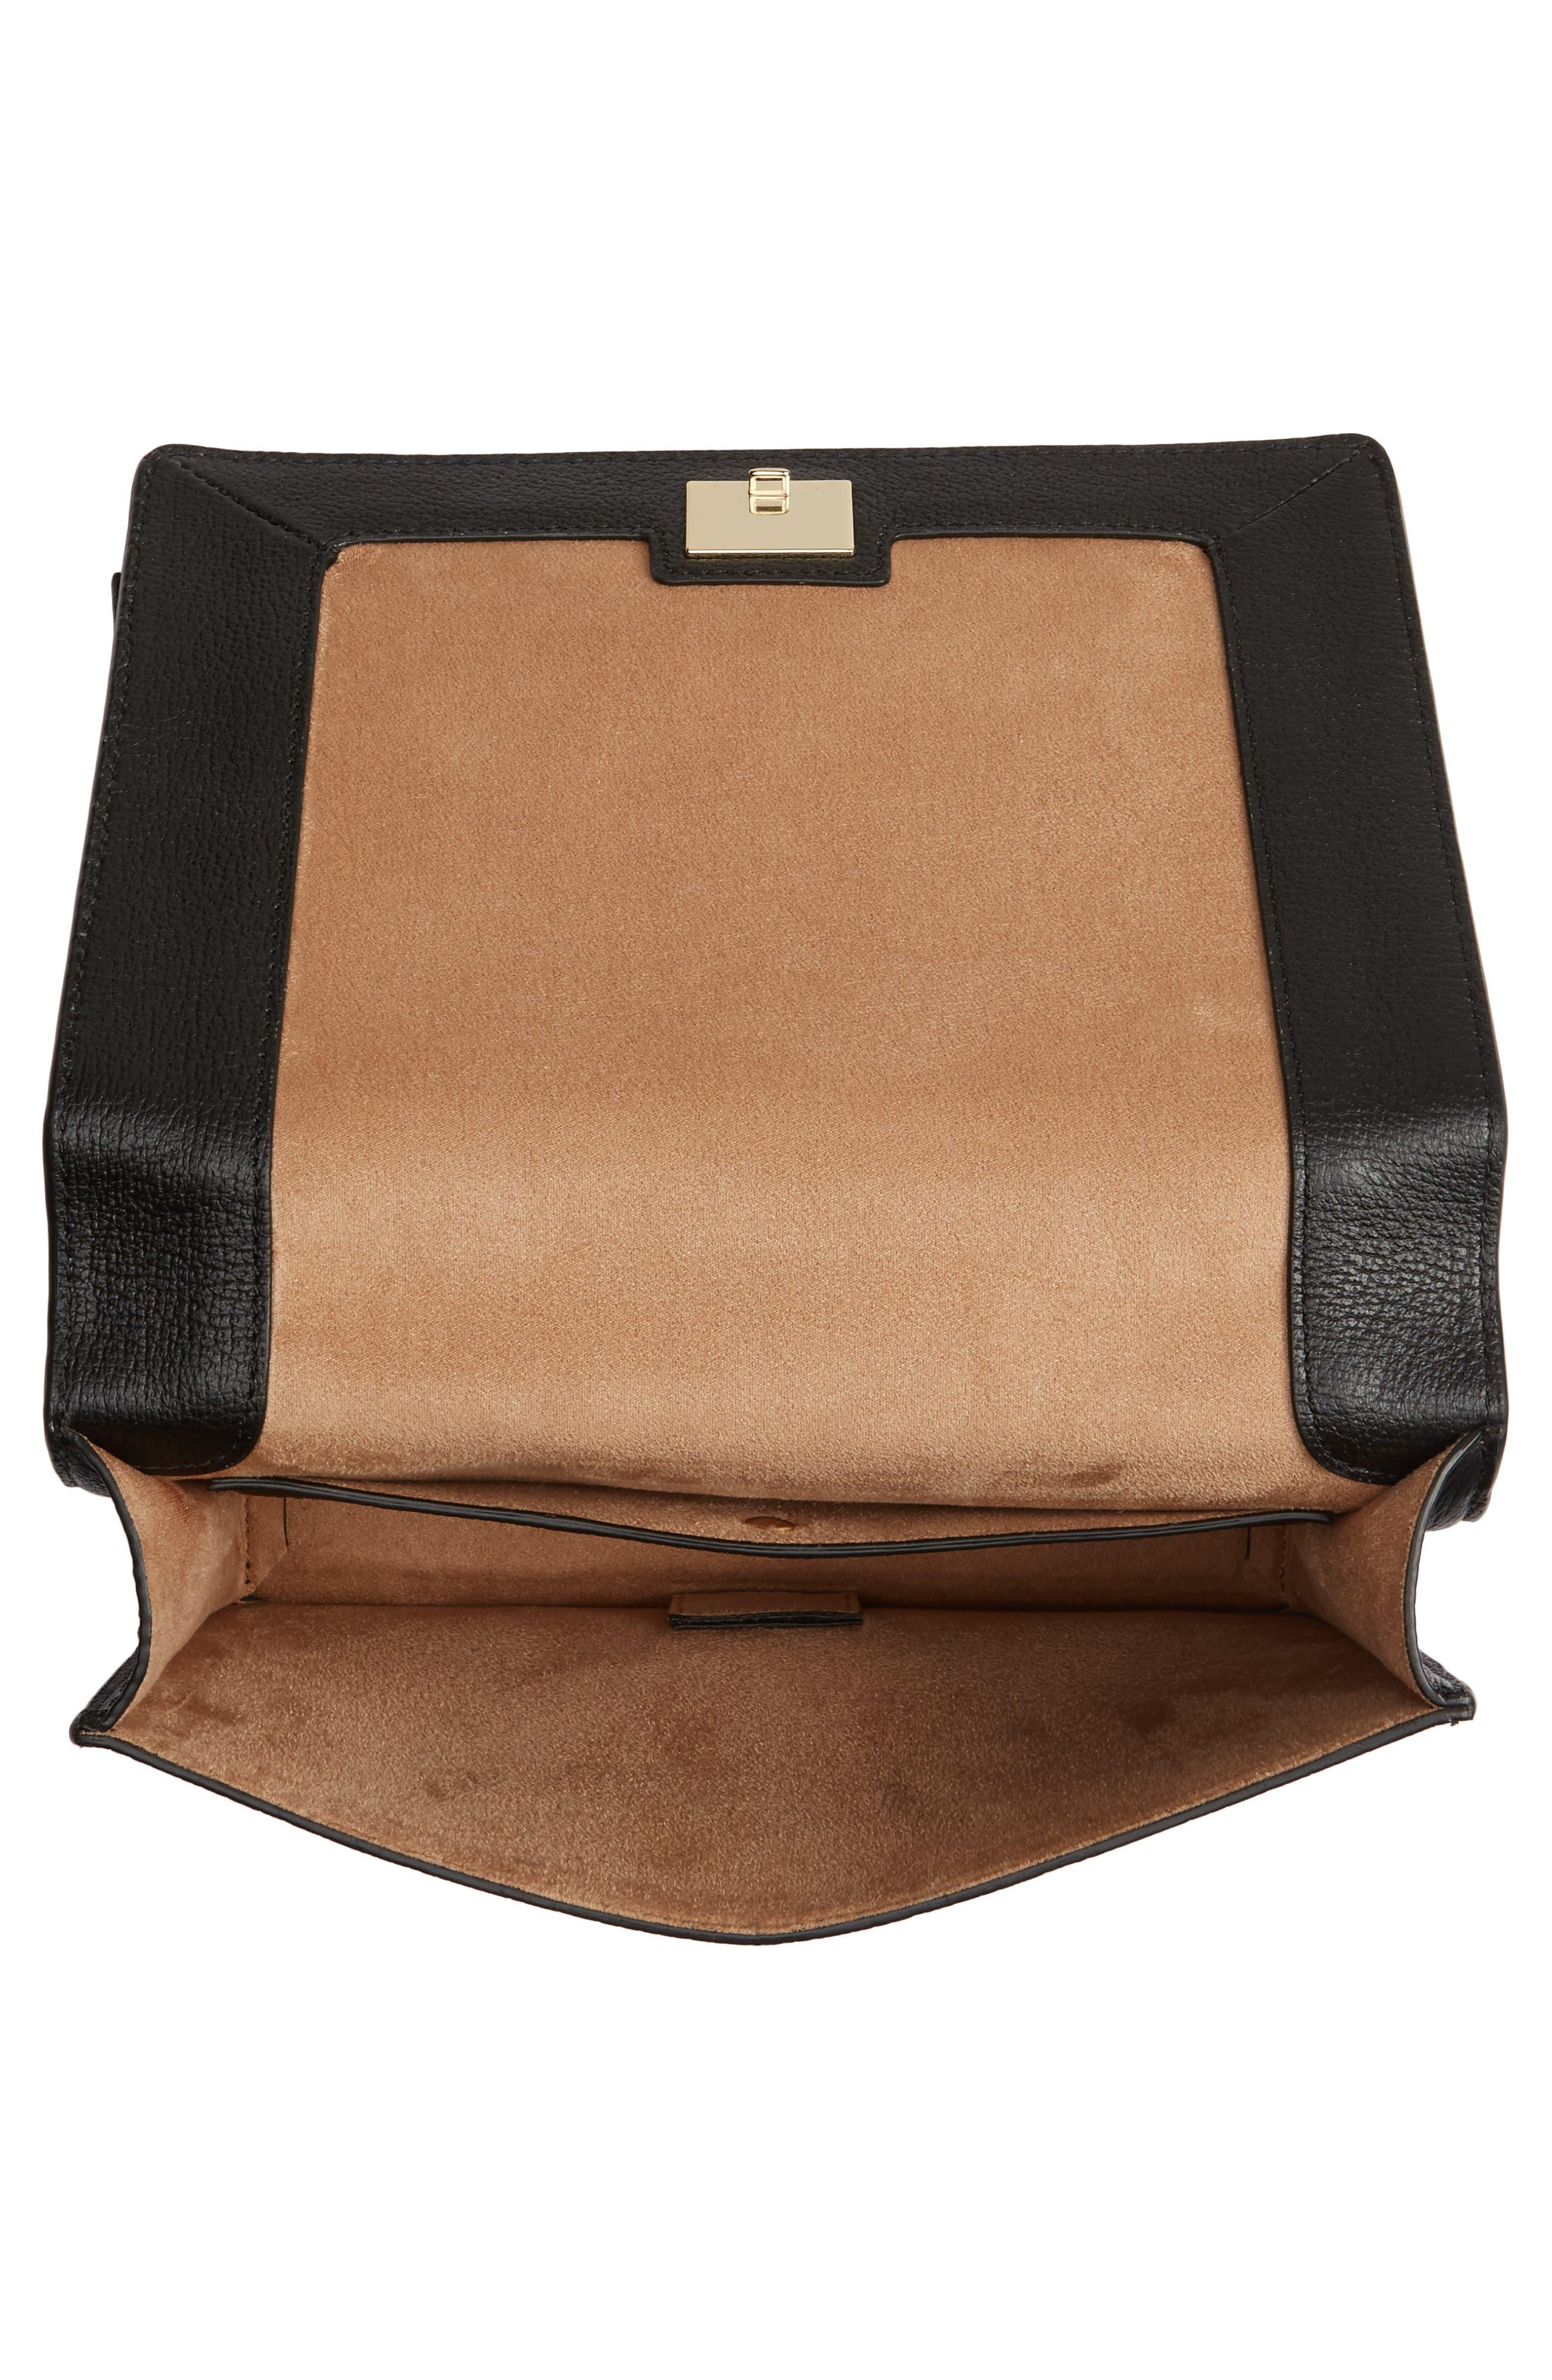 olive drive - marci leather shoulder bag,                             Alternate thumbnail 4, color,                             001